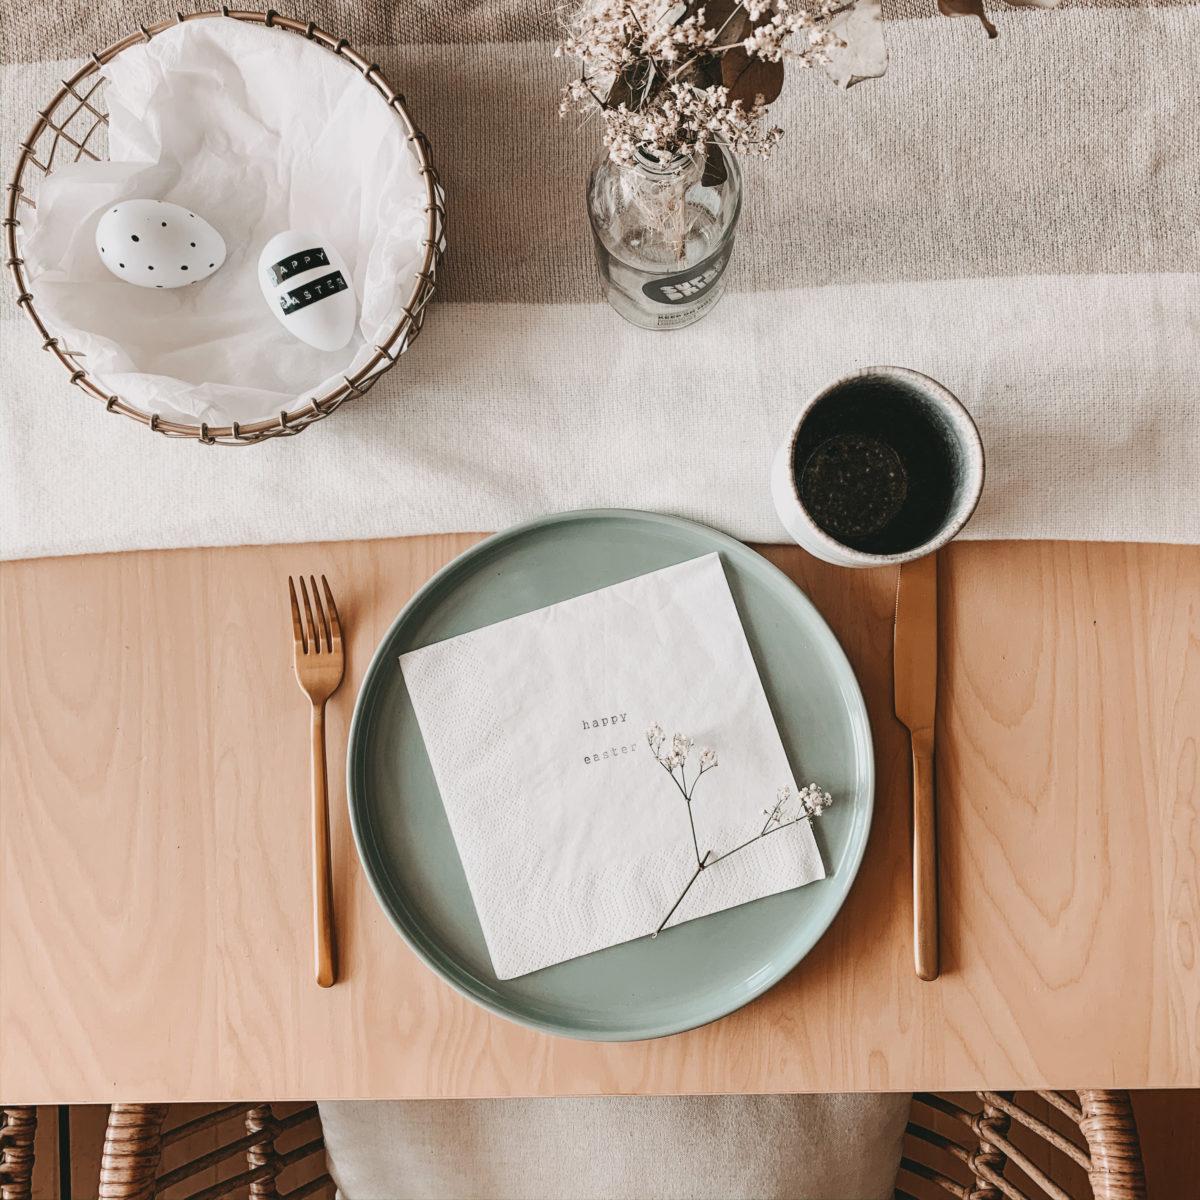 Tischdeko personalisierte Servietten Ostern